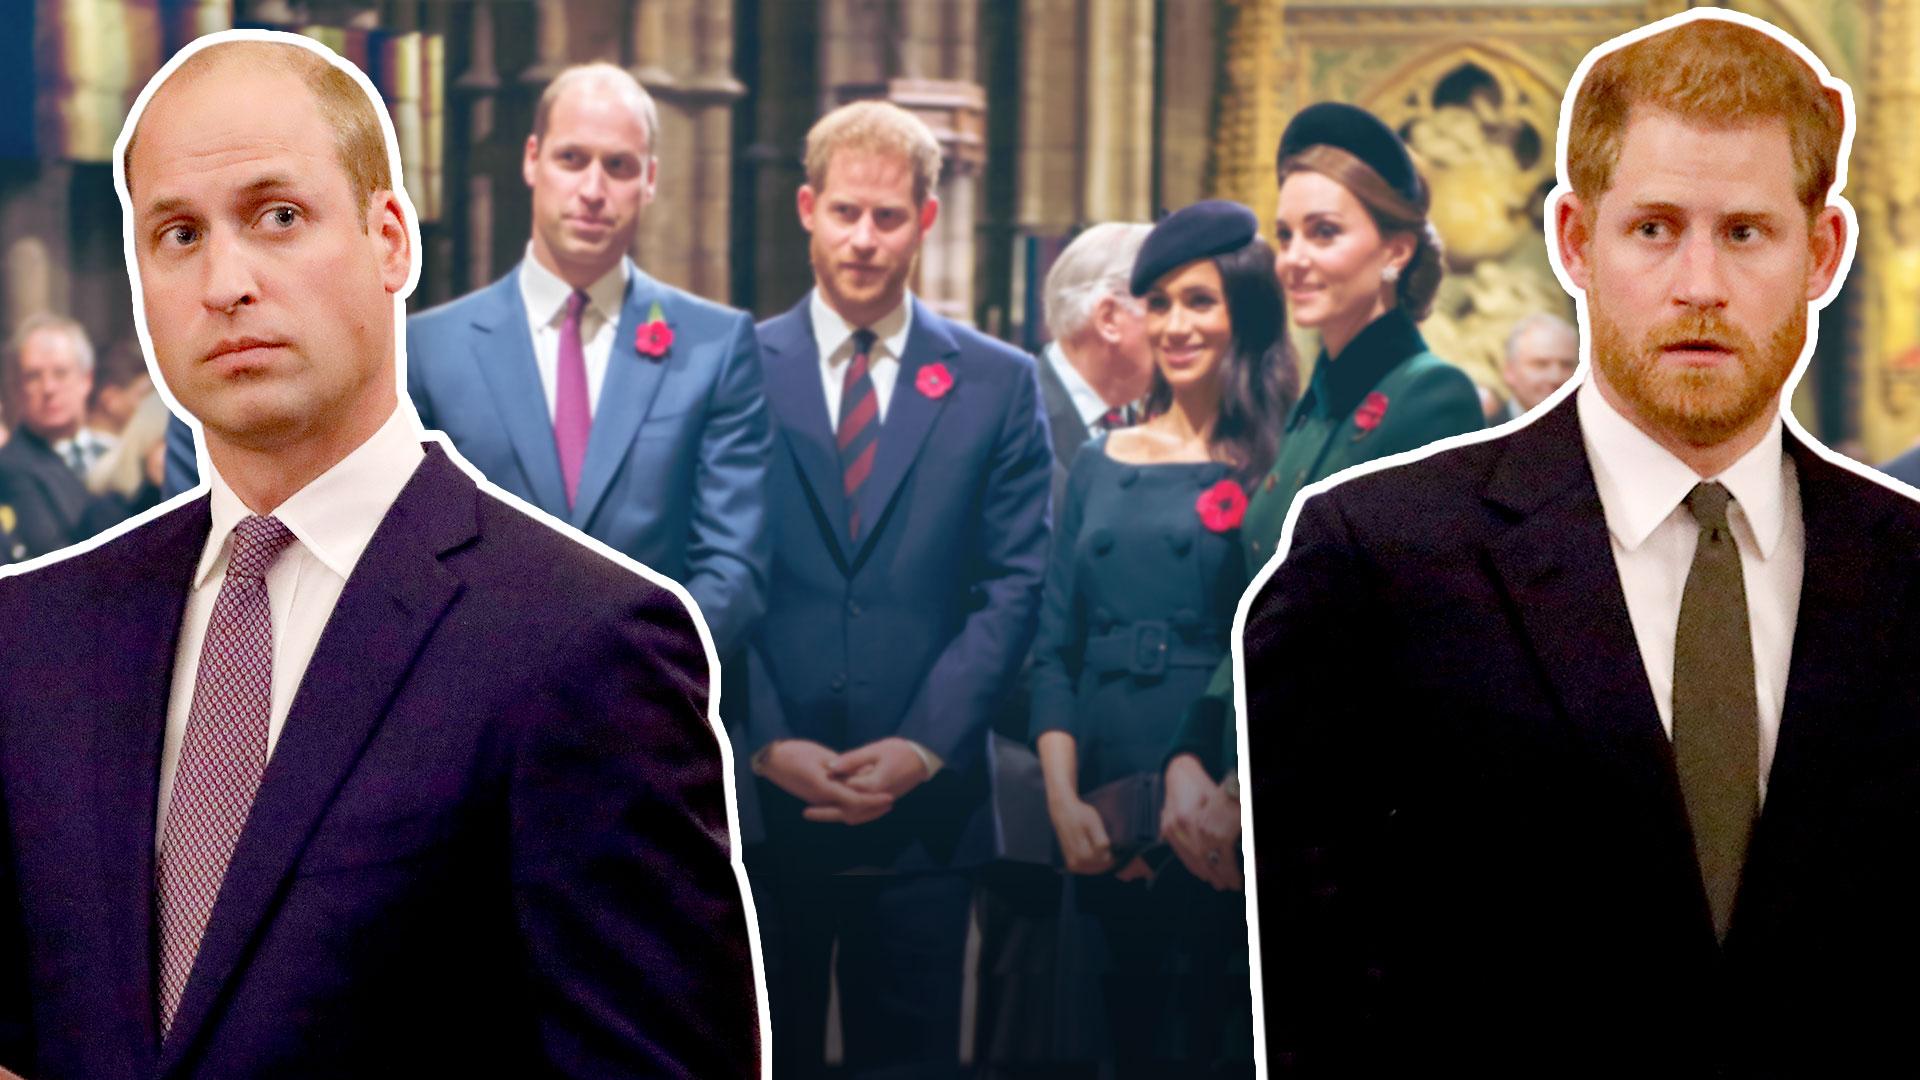 La verdadera 'pelea' es entre los príncipes William y Harry, no entre Meghan y Kate, afirma cineasta de la realeza